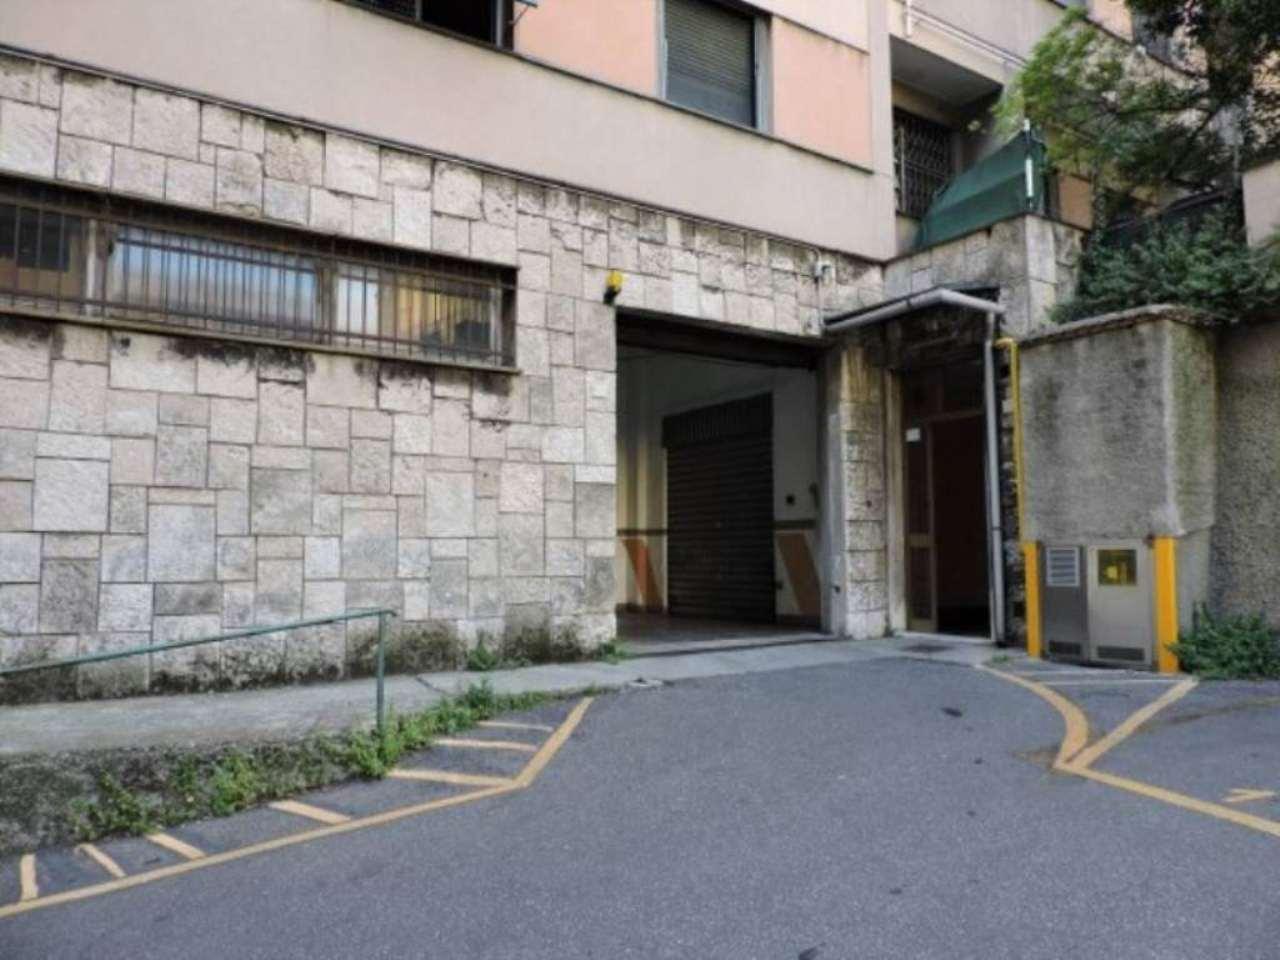 Attività / Licenza in vendita a Genova, 9999 locali, zona Zona: 8 . Sampierdarena, Certosa-Rivarolo, Centro Ovest, S.Teodoro, prezzo € 60.000 | CambioCasa.it